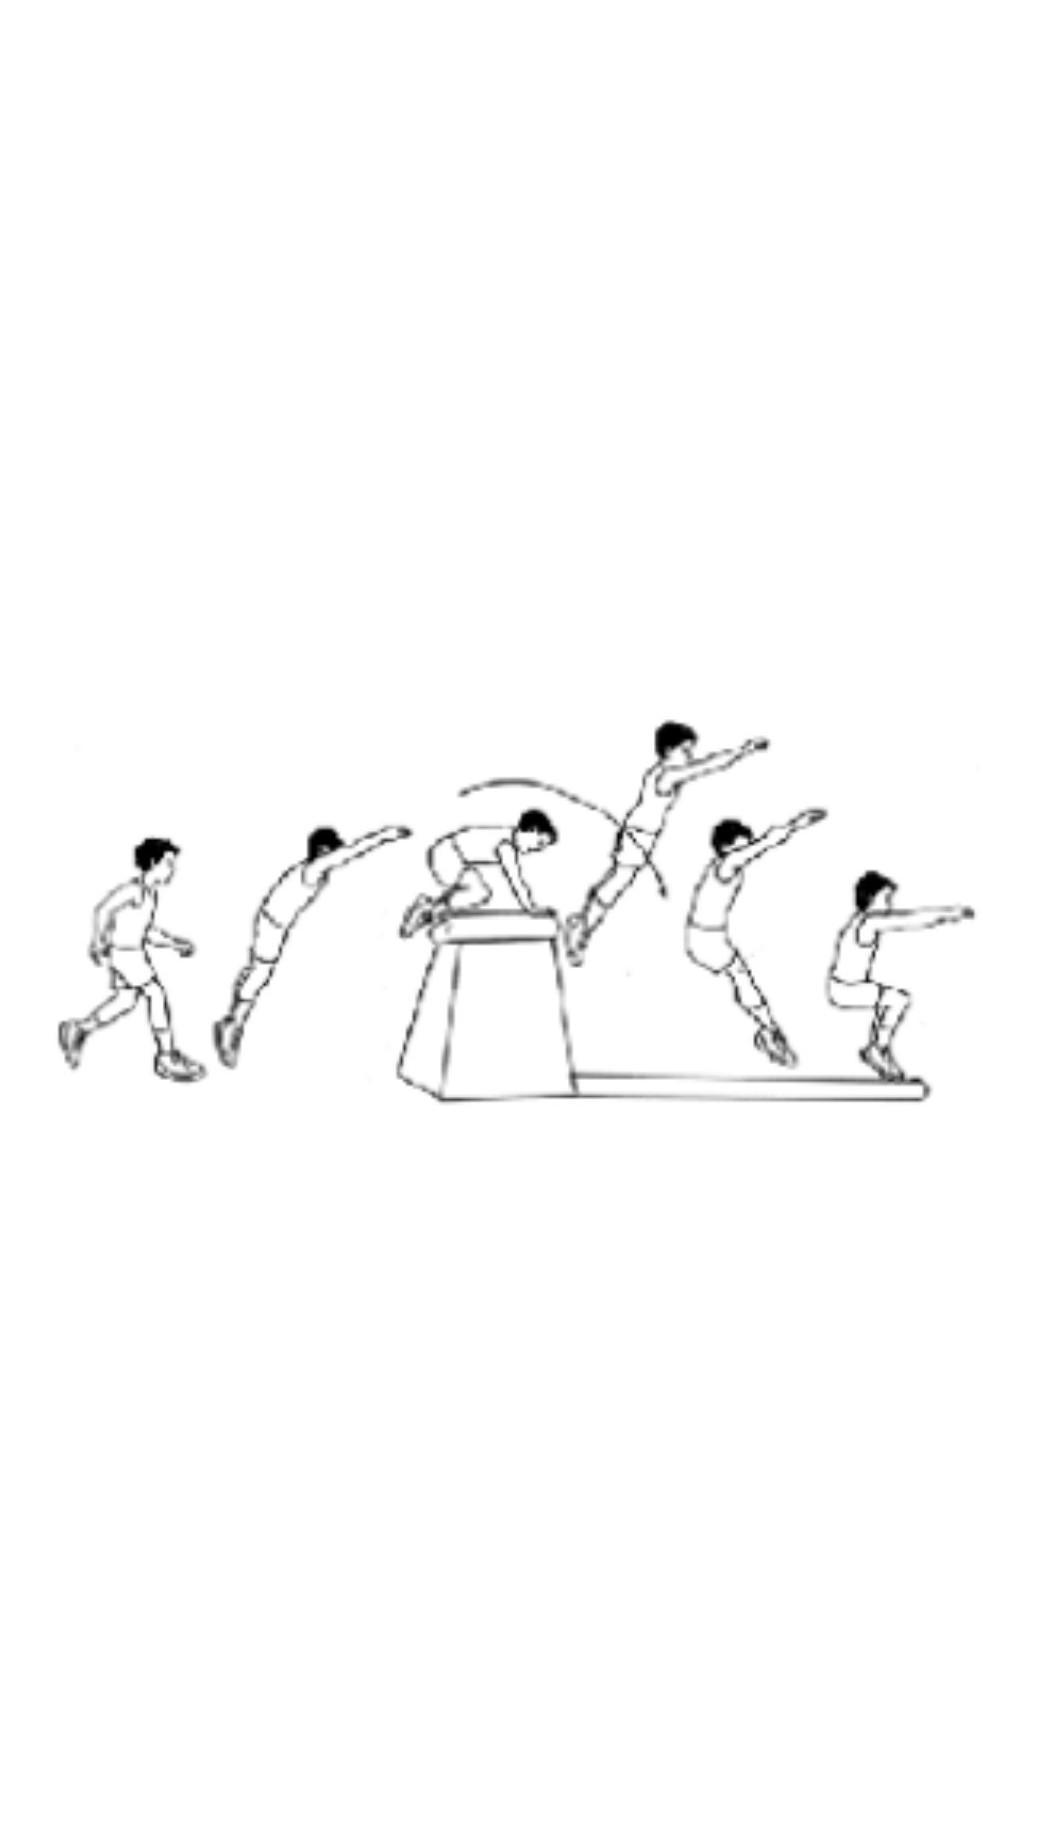 Loncat Jongkok : loncat, jongkok, Contoh, Gambar, Lompat, Jongkok, Brainly.co.id